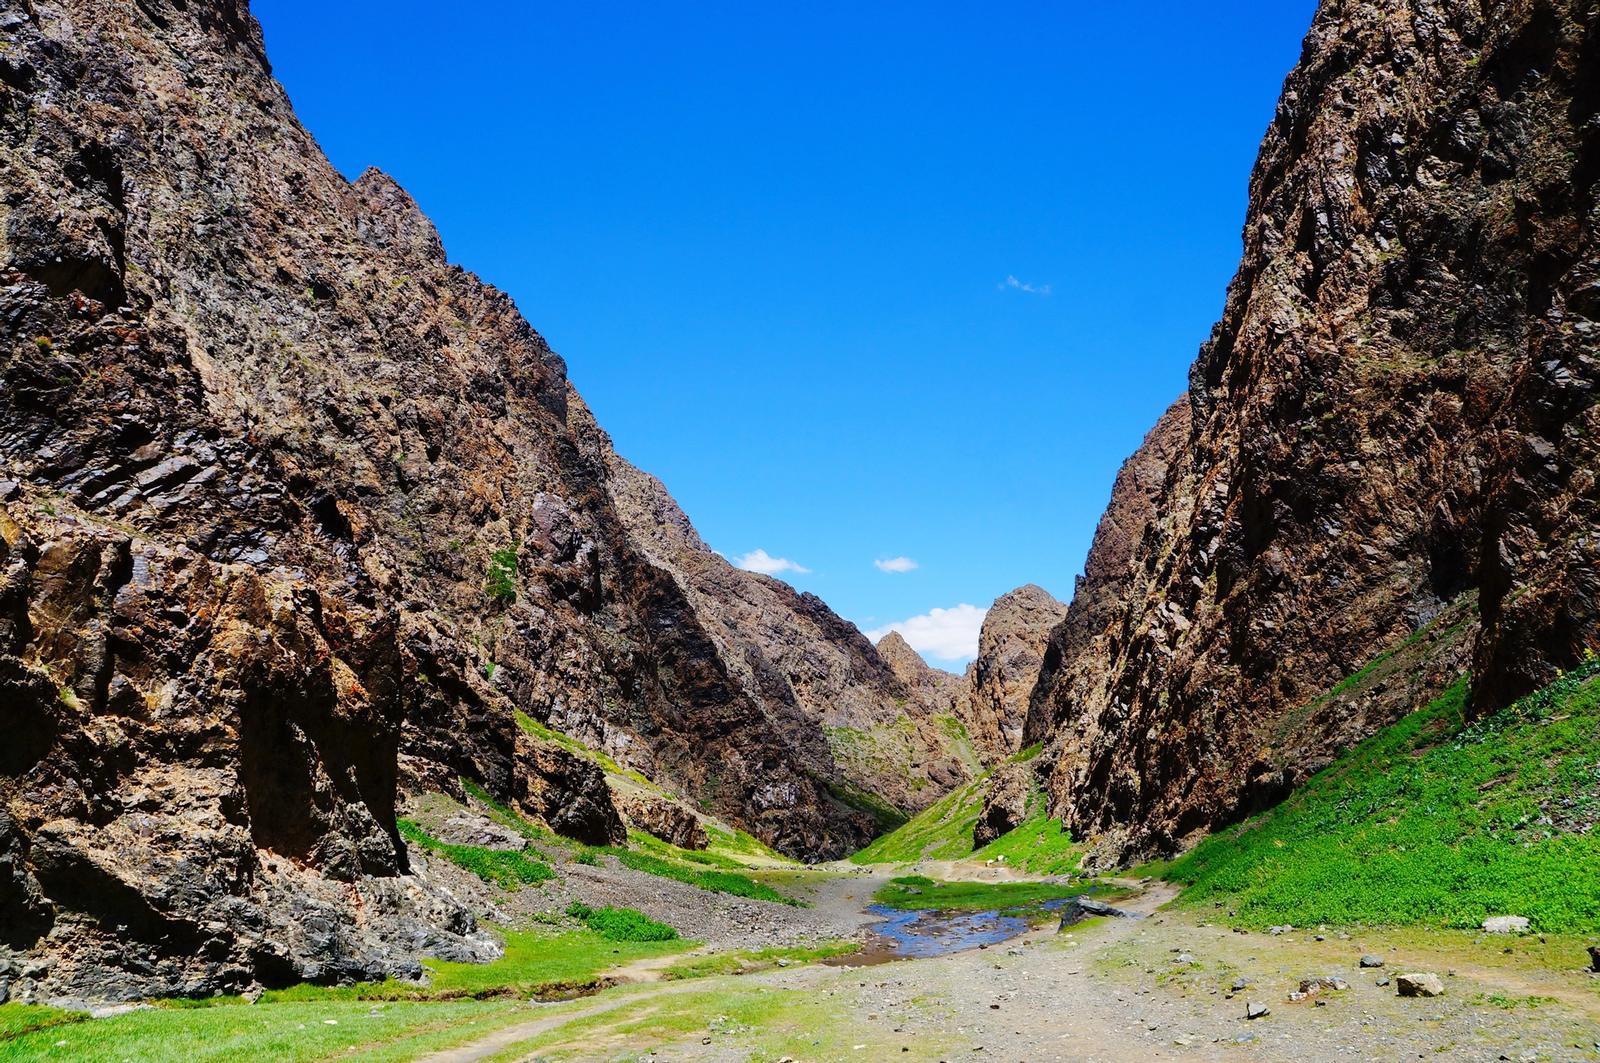 Deserto in Mongolia